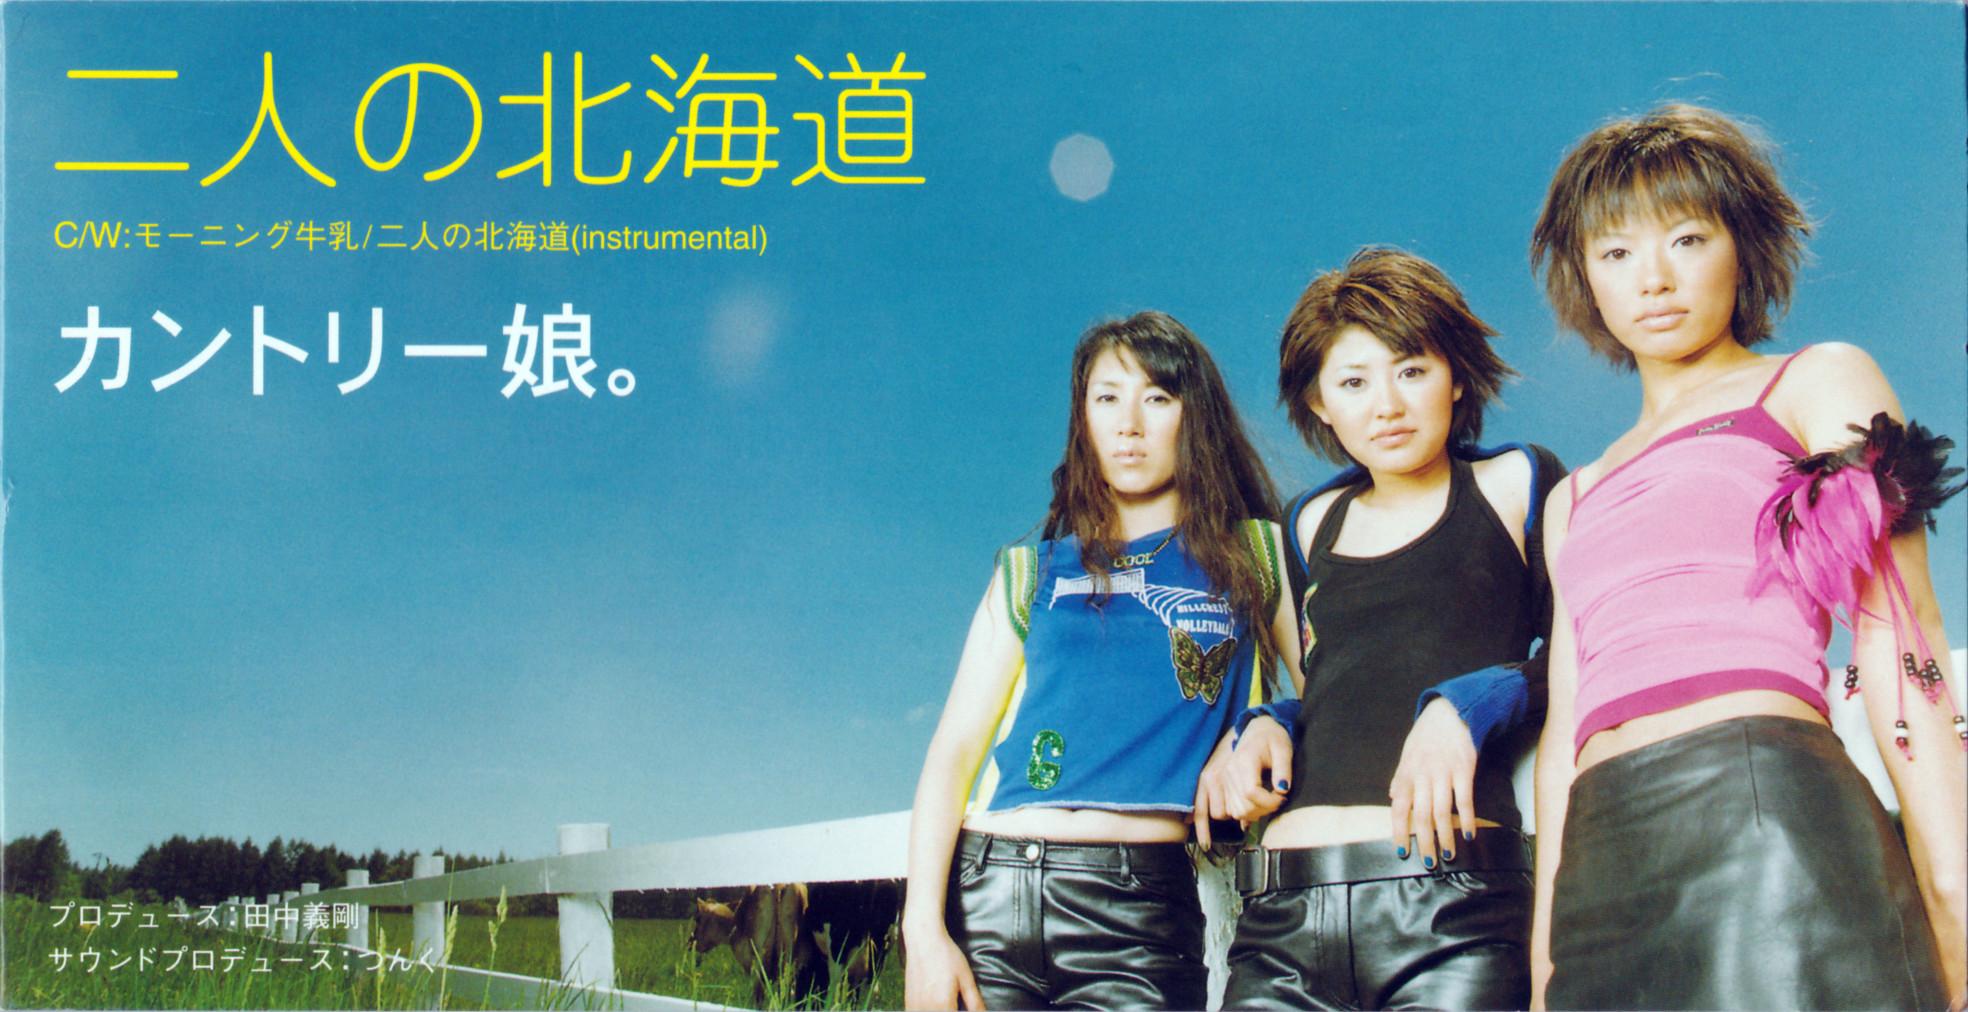 File:FutarinoHokkaido-r.jpg